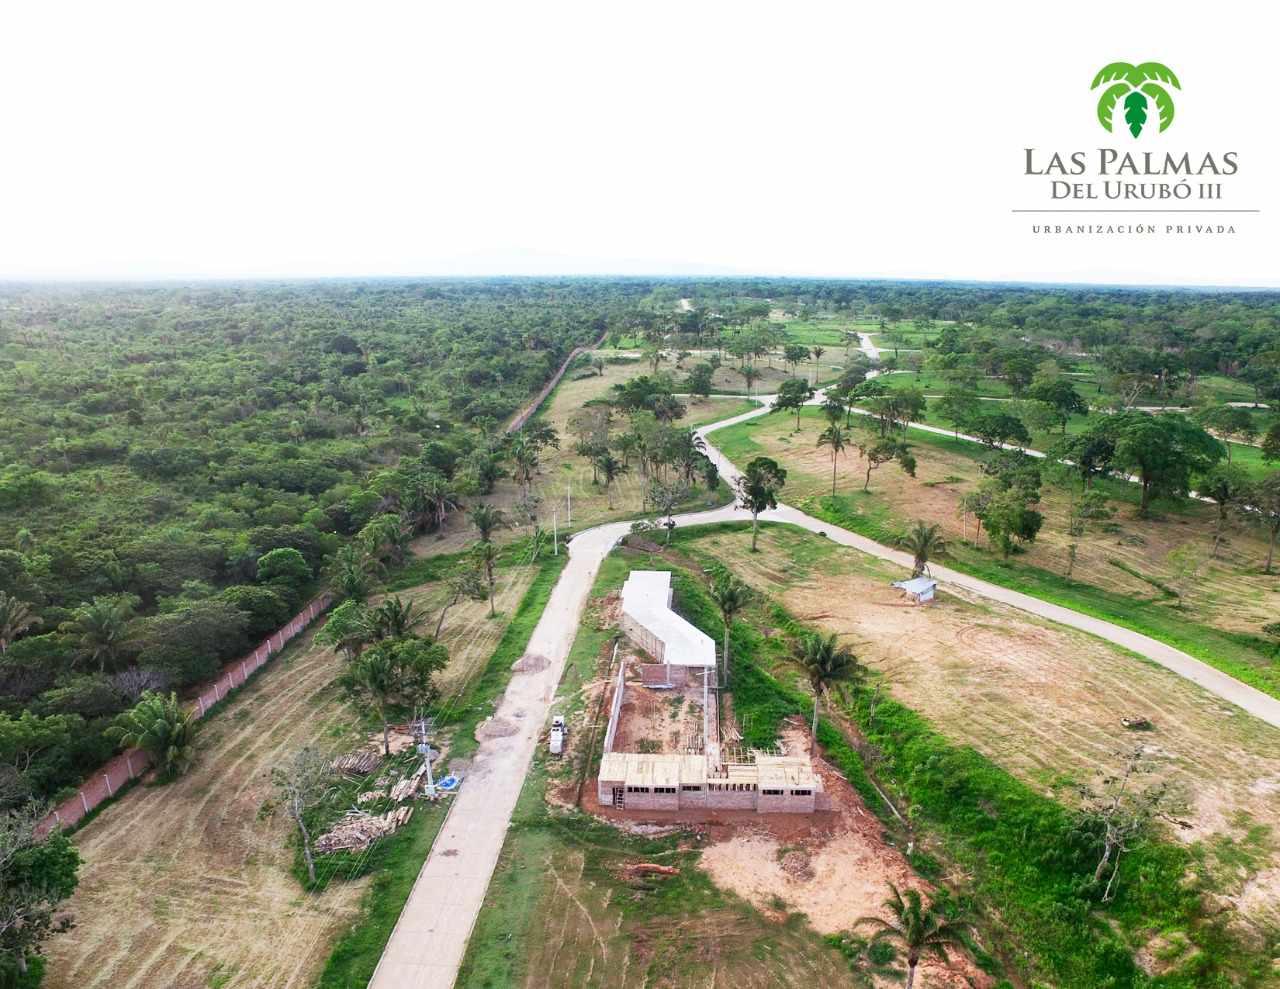 Terreno en Venta Zona Urubó, Urbanización Las Palmas del Urubó III. Foto 2